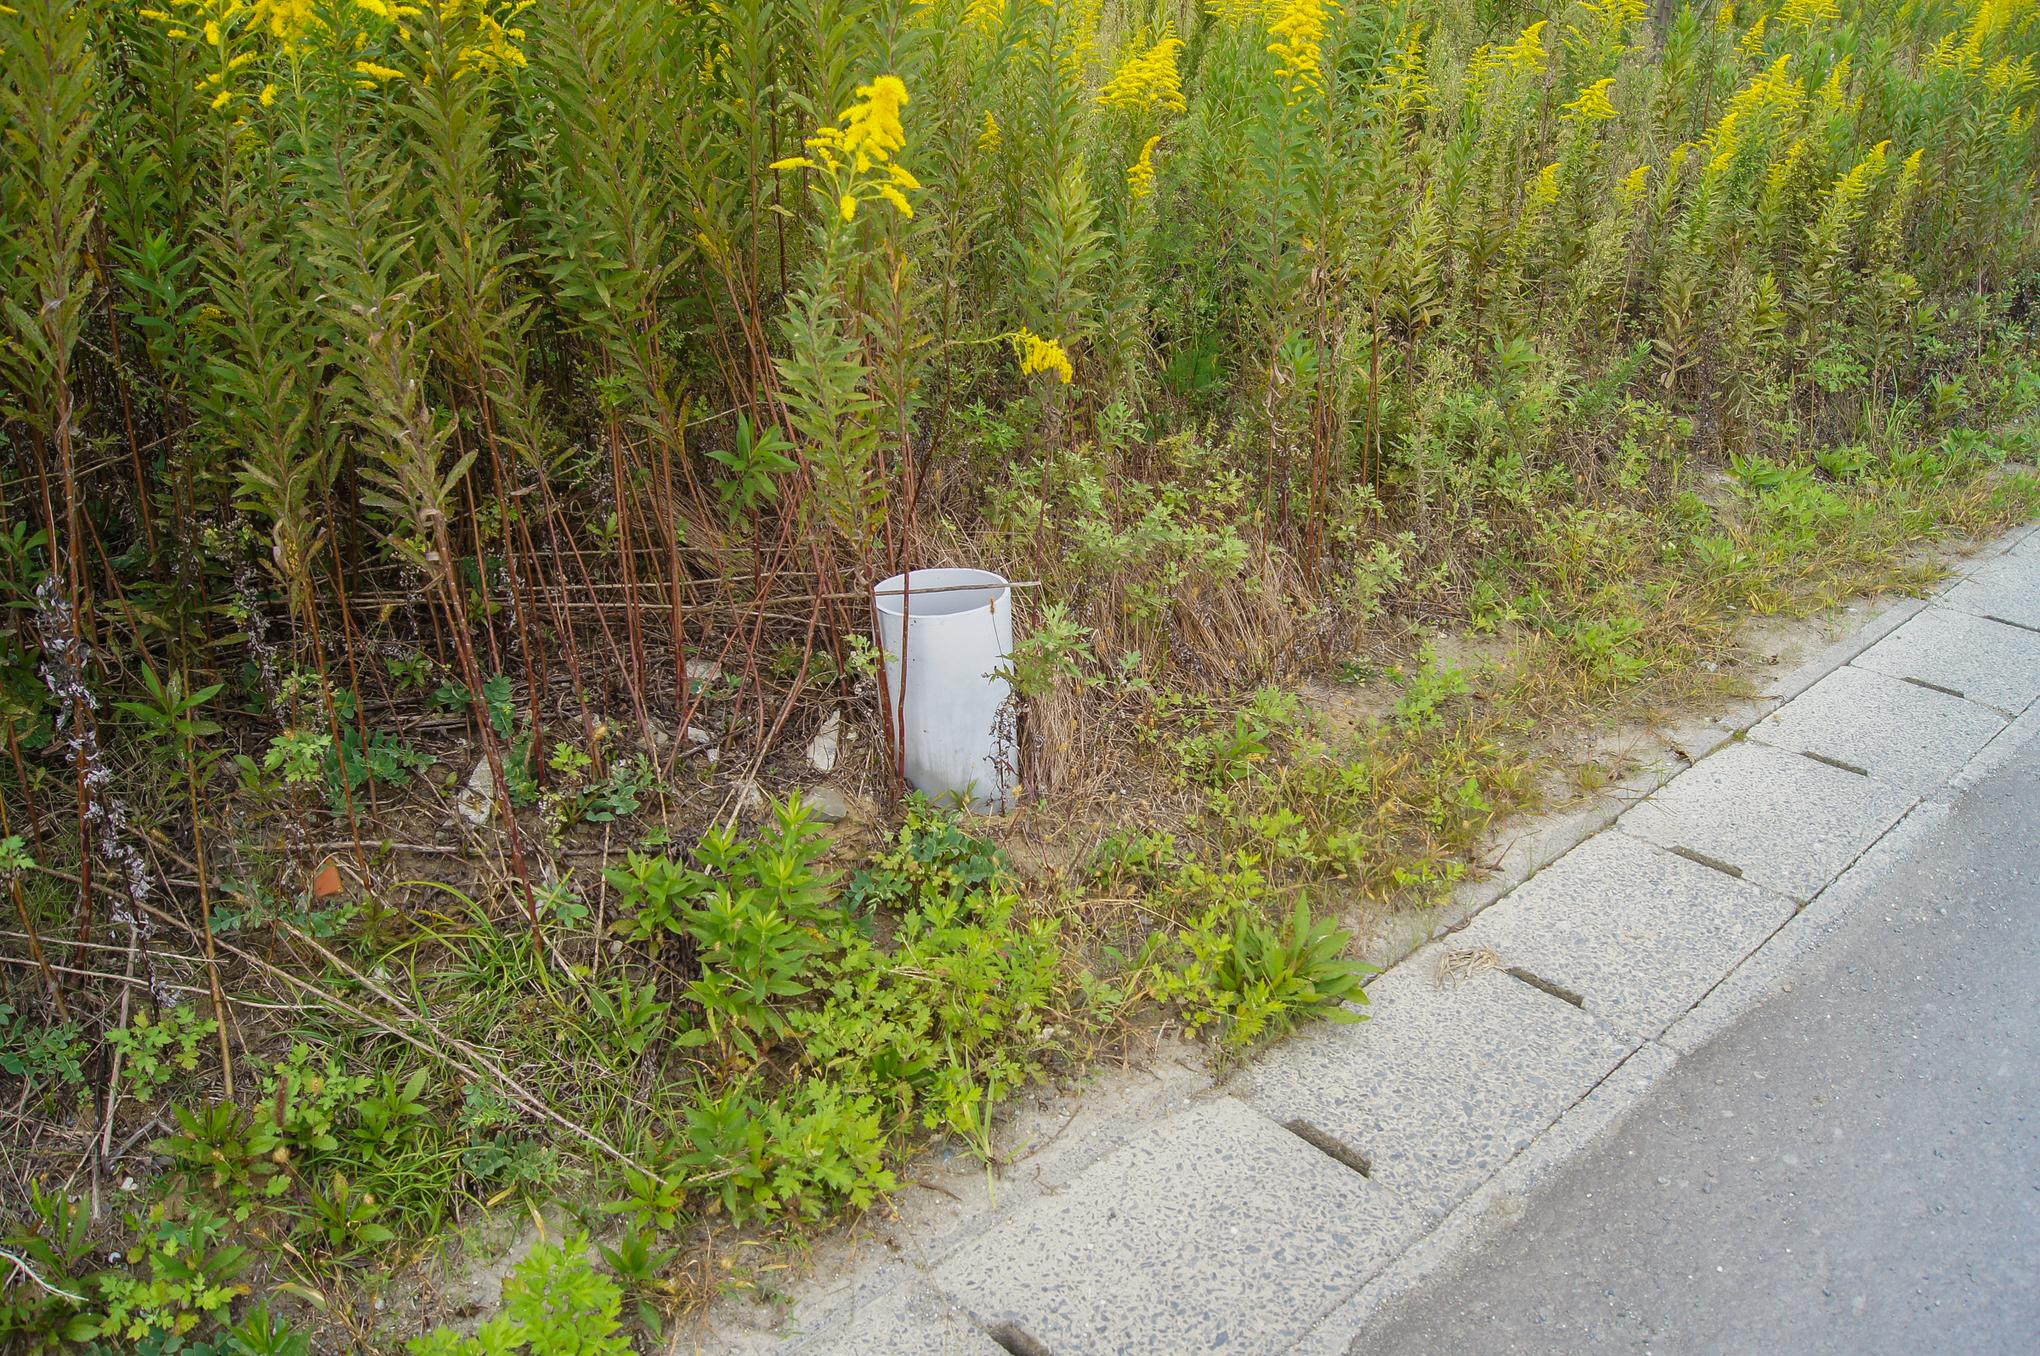 f:id:akichiniiko:20200607203625j:plain